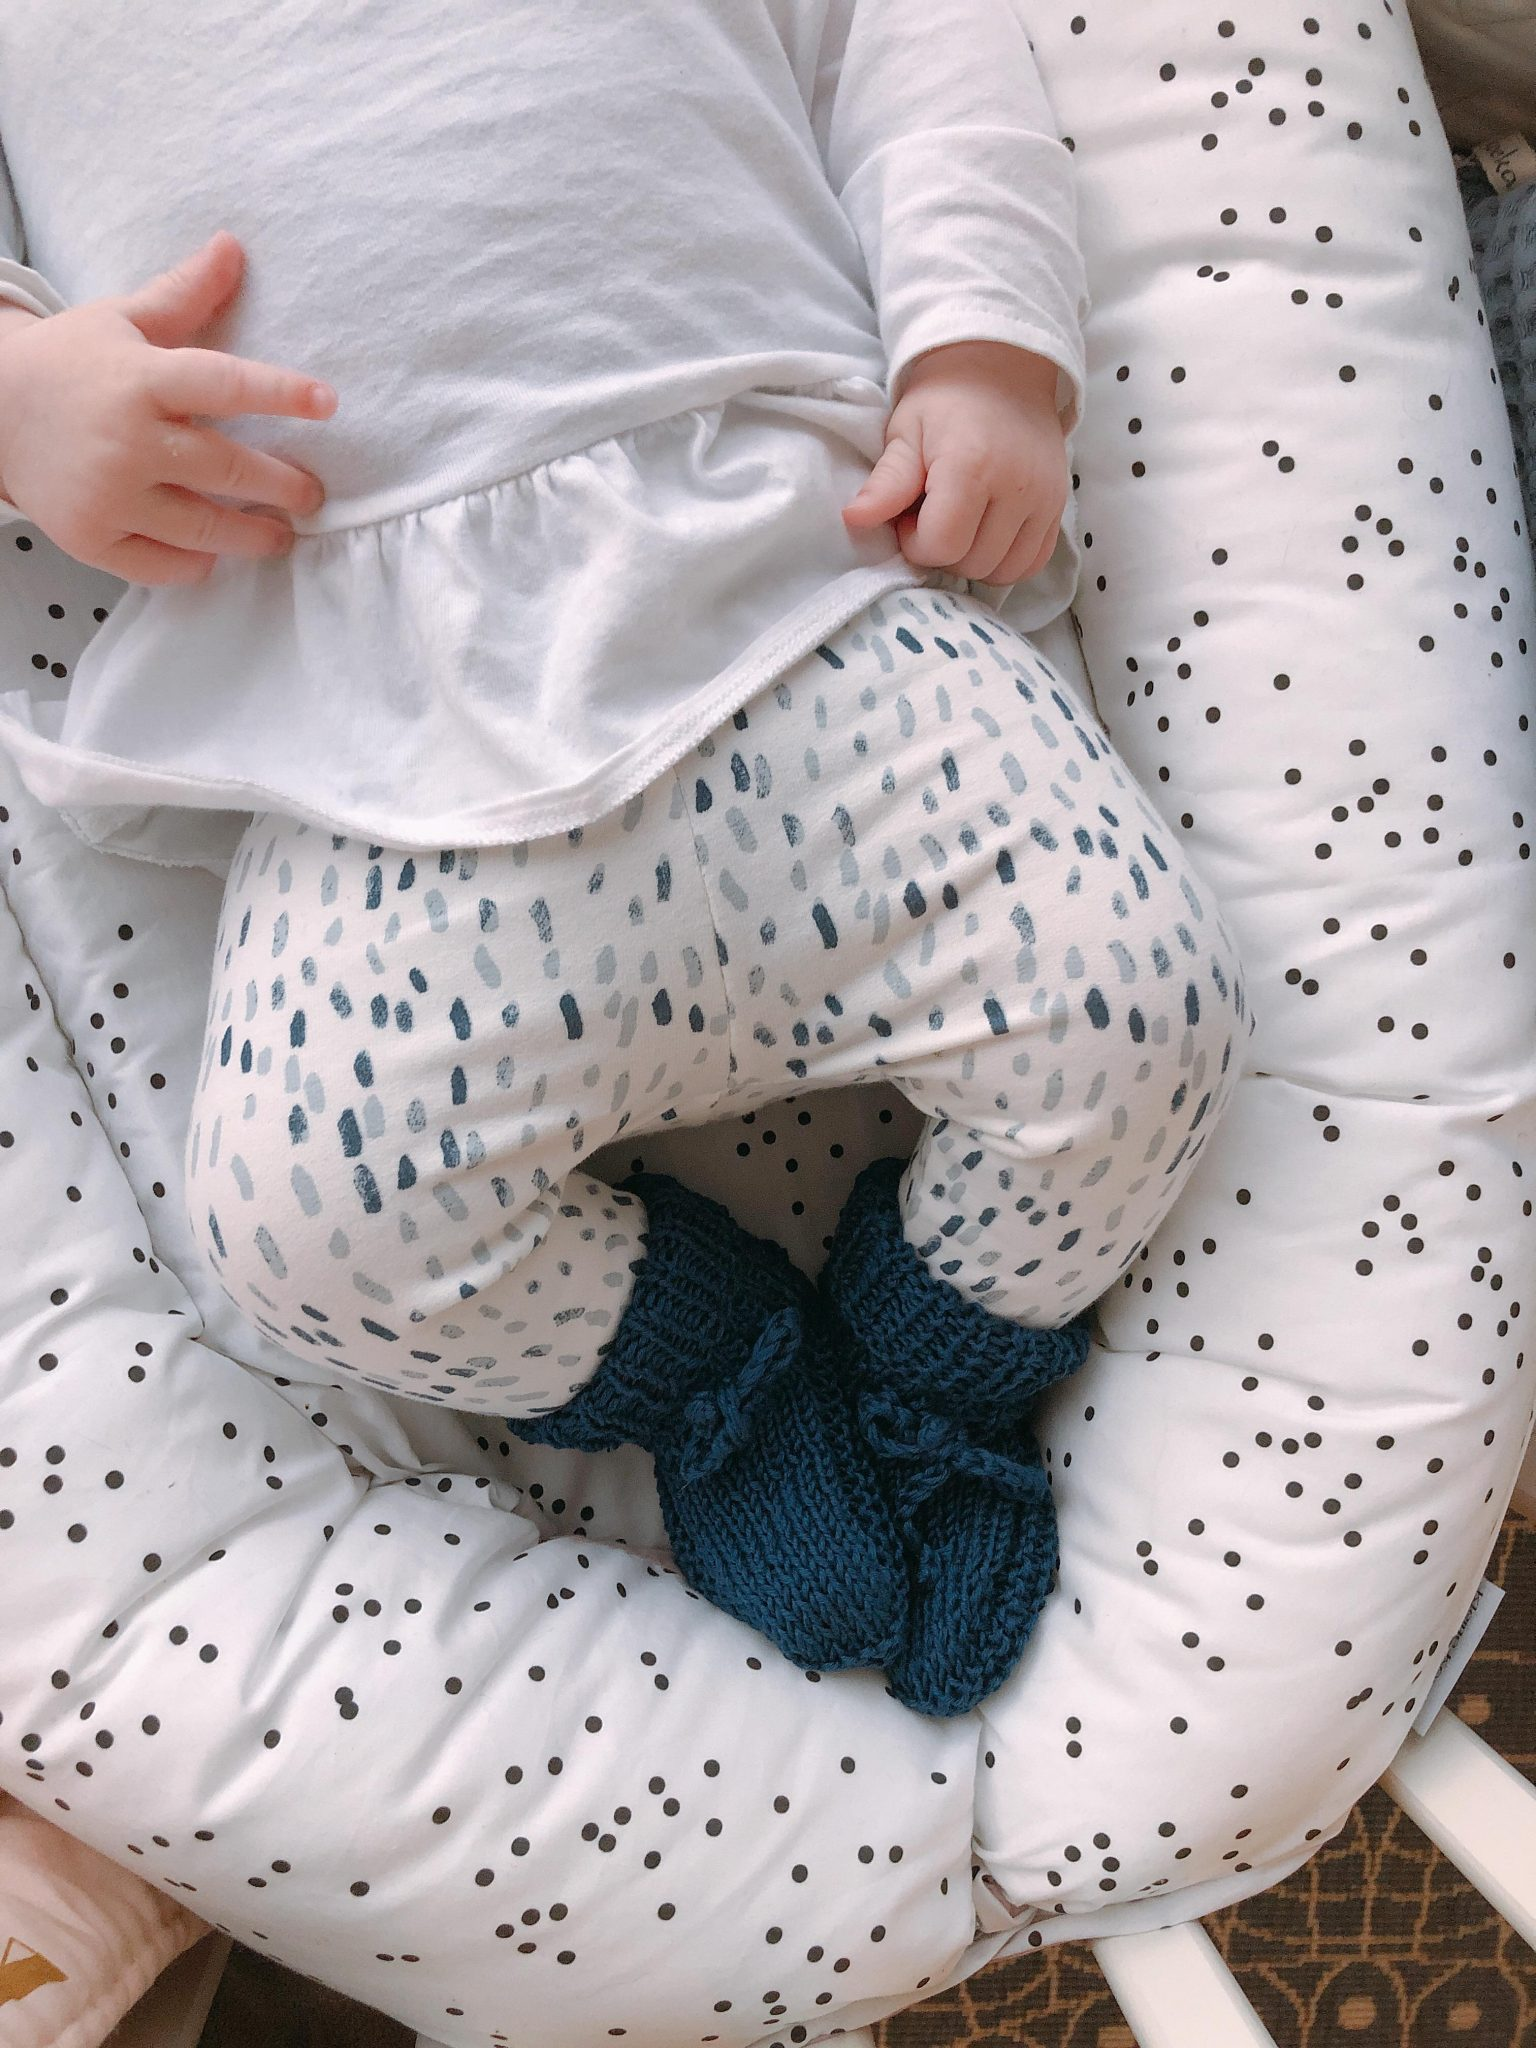 IMG 4232 3024x4032 - Elise's Weekly Pictorama - Amersfoort met Sanne!